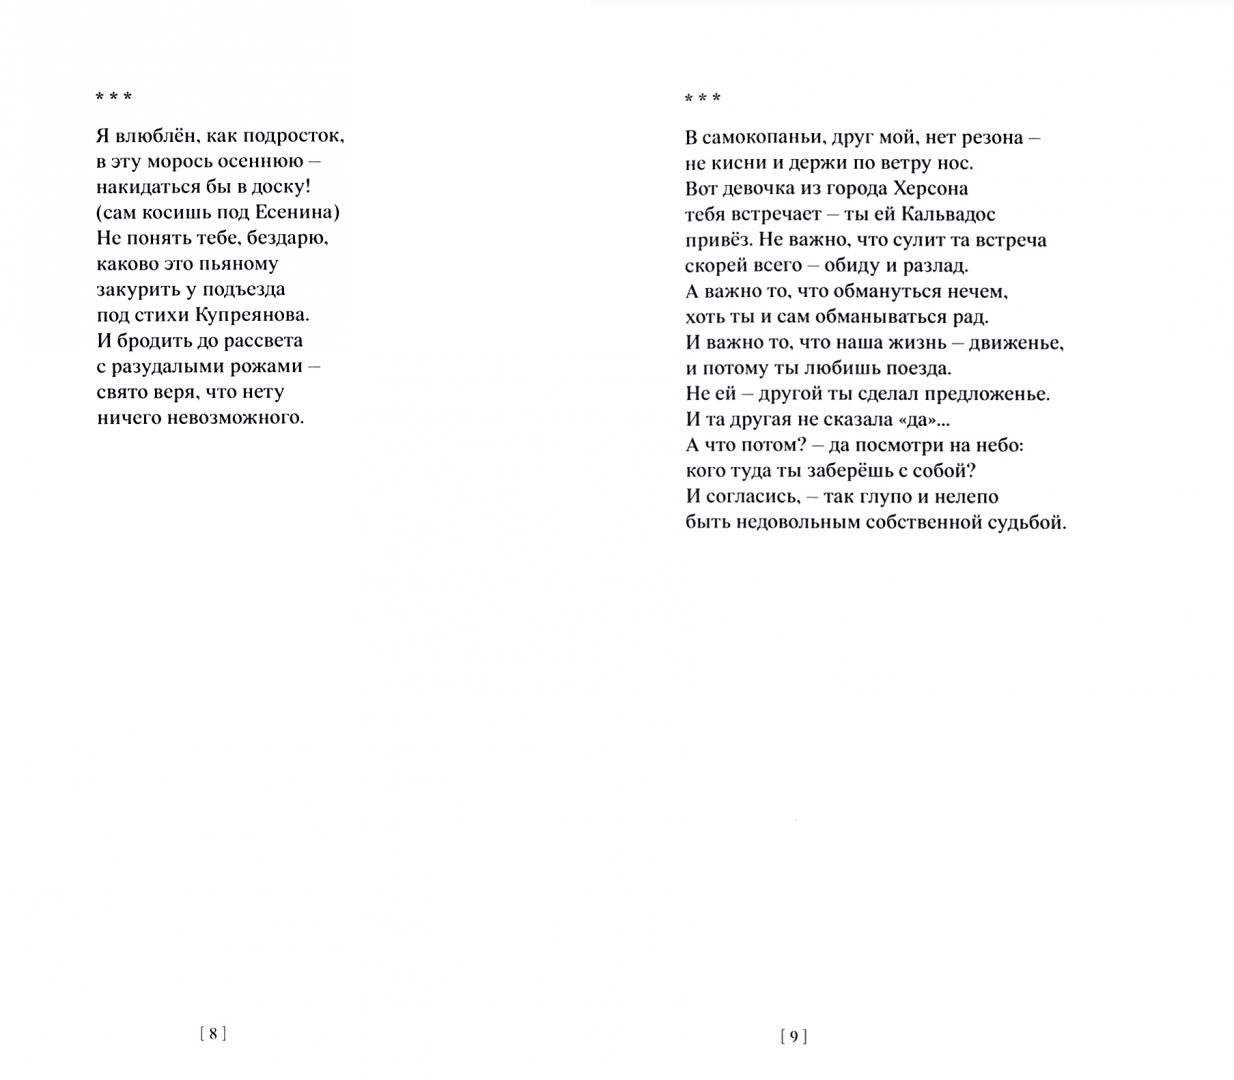 Иллюстрация 1 из 19 для Пыль - Алексей Шмелев | Лабиринт - книги. Источник: Лабиринт